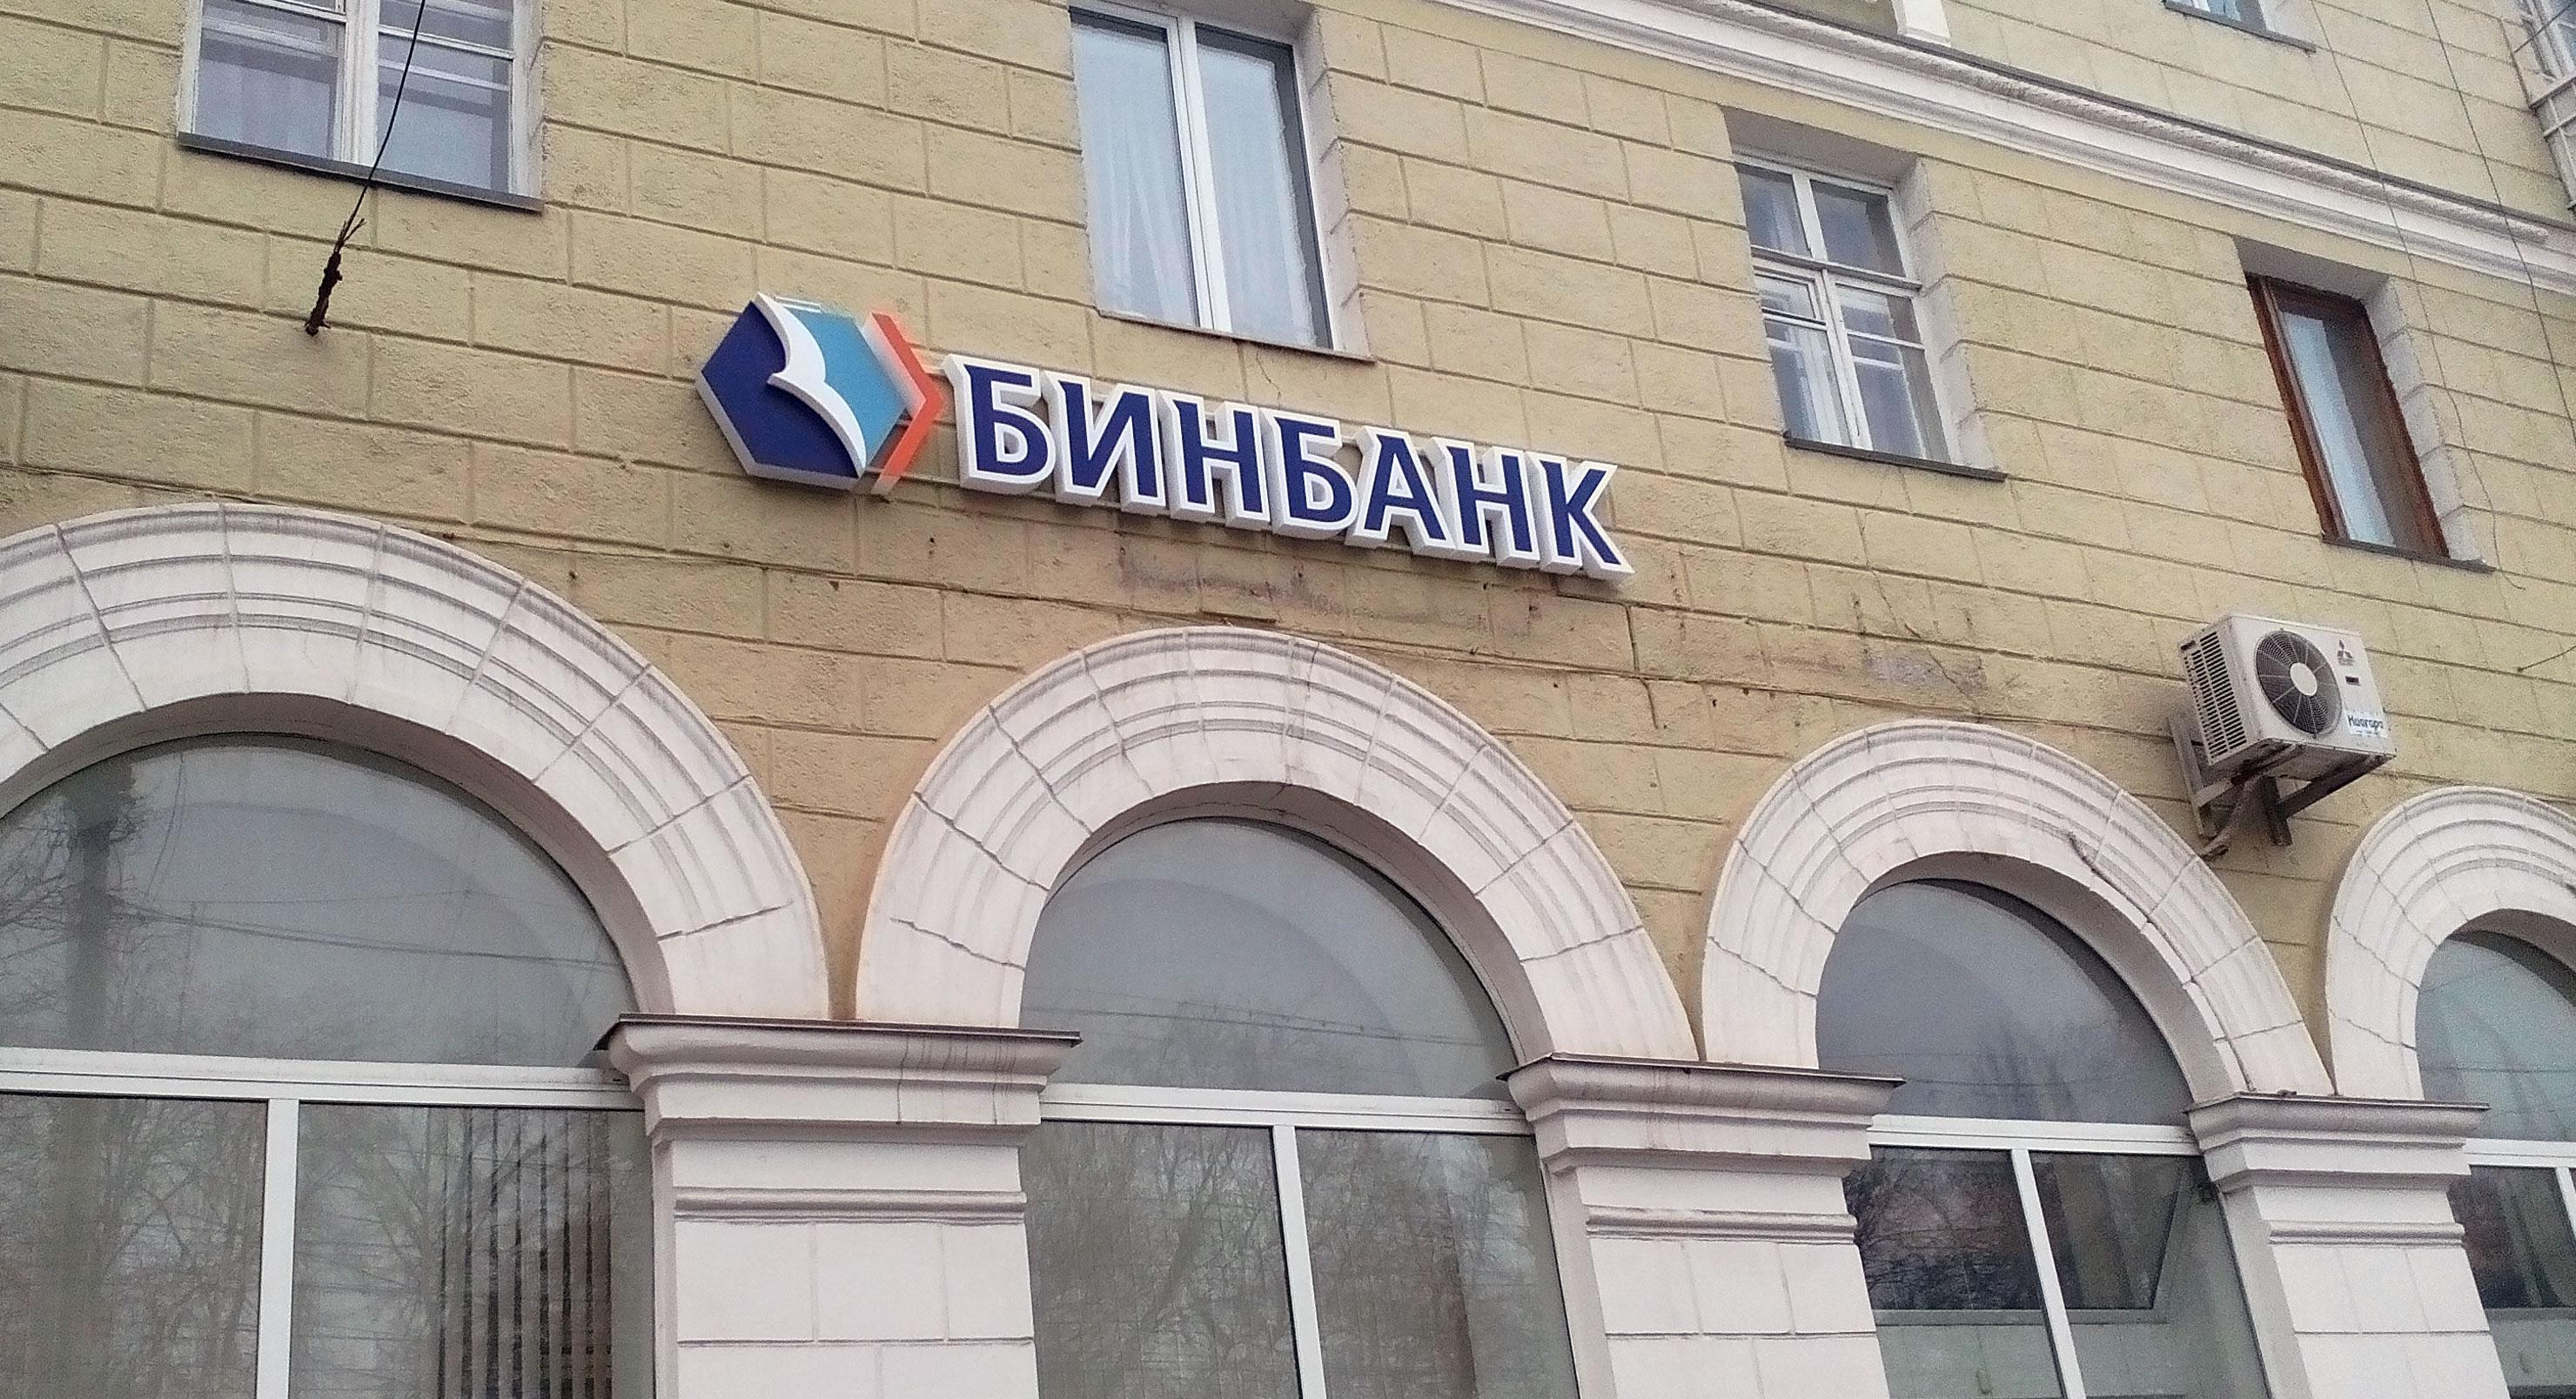 бинбанк-объемные-световые-буквы-Воронеж-регламент